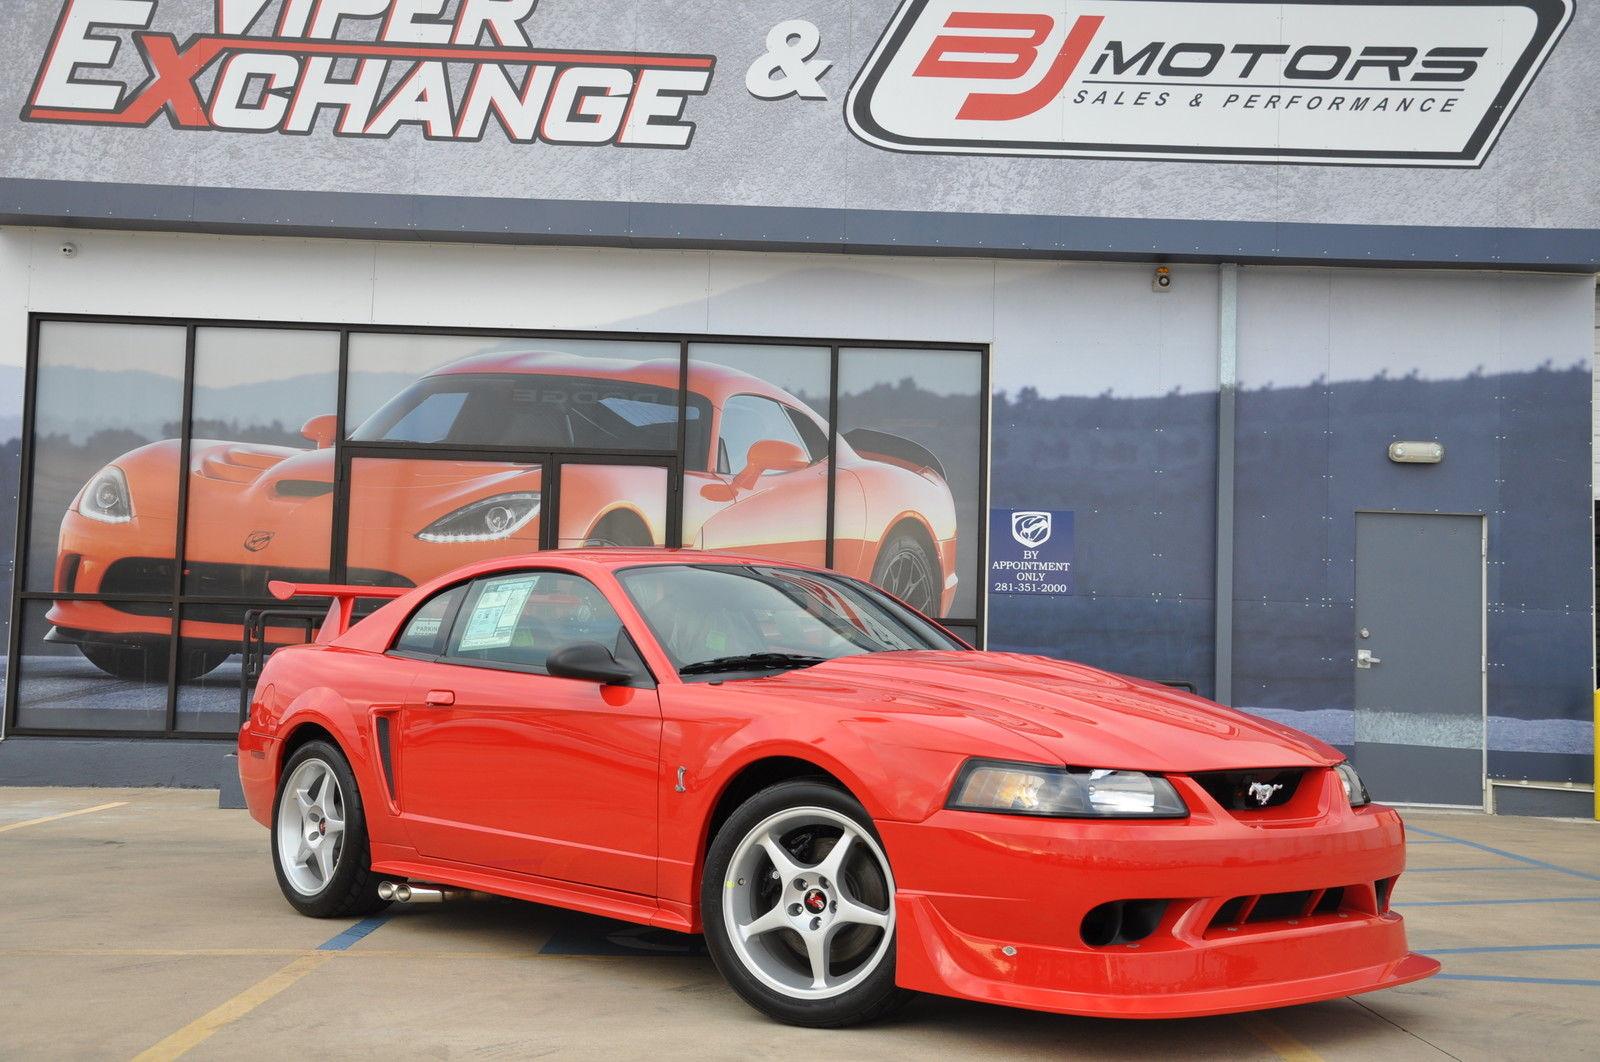 De Ford Mustang Cobra R bij de dealer in Texas. Foto: eBay